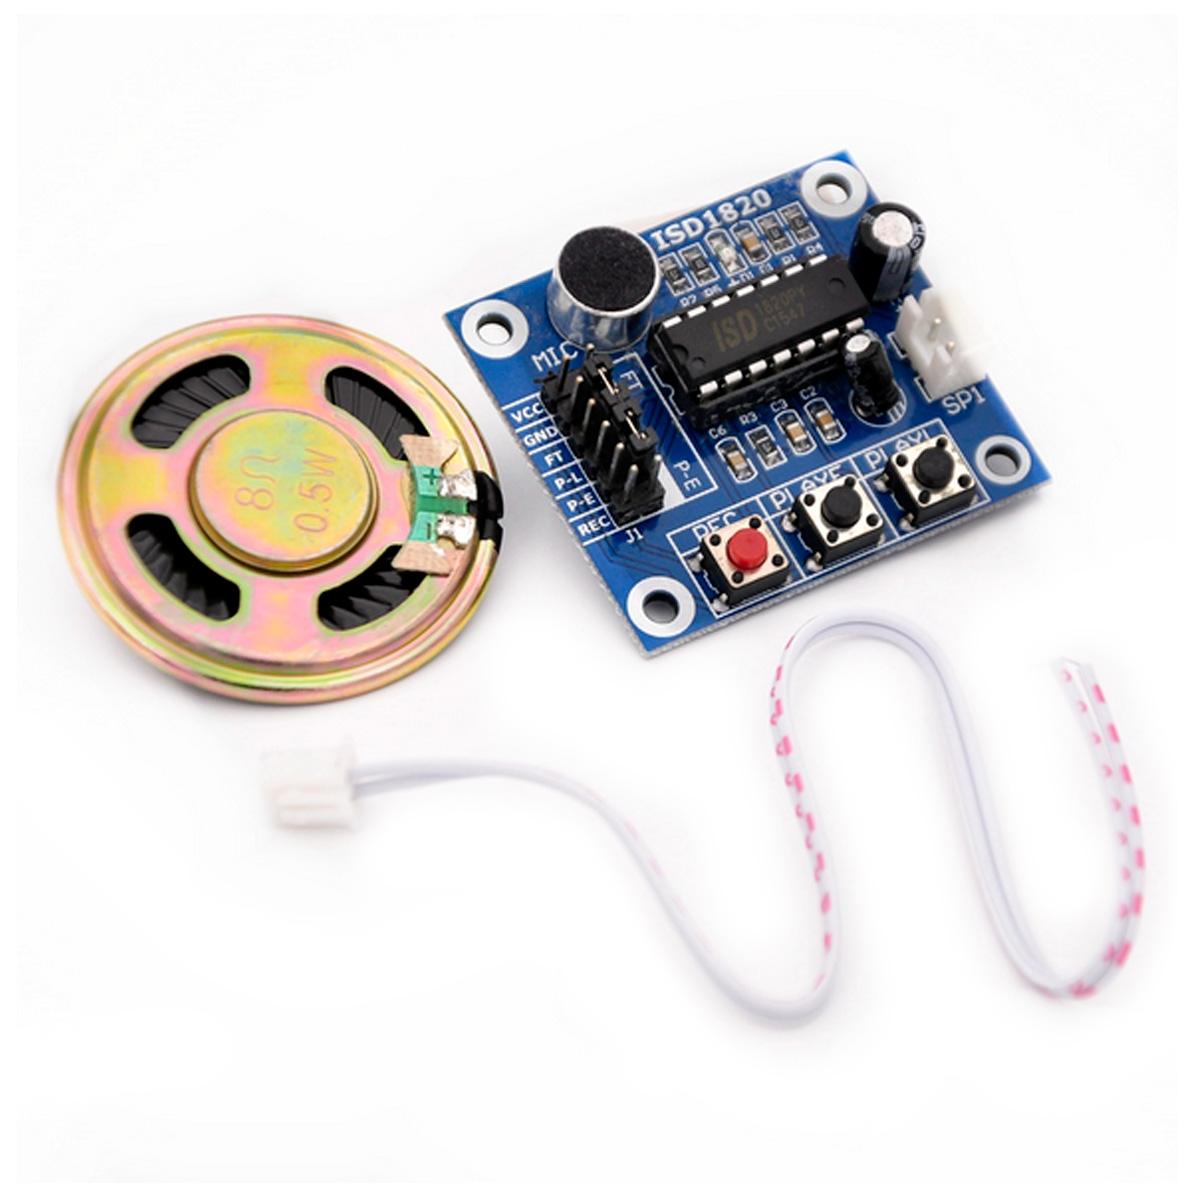 Módulo de grabación de voz ISD1820 Grabadora de Sonidos Con Altavoz